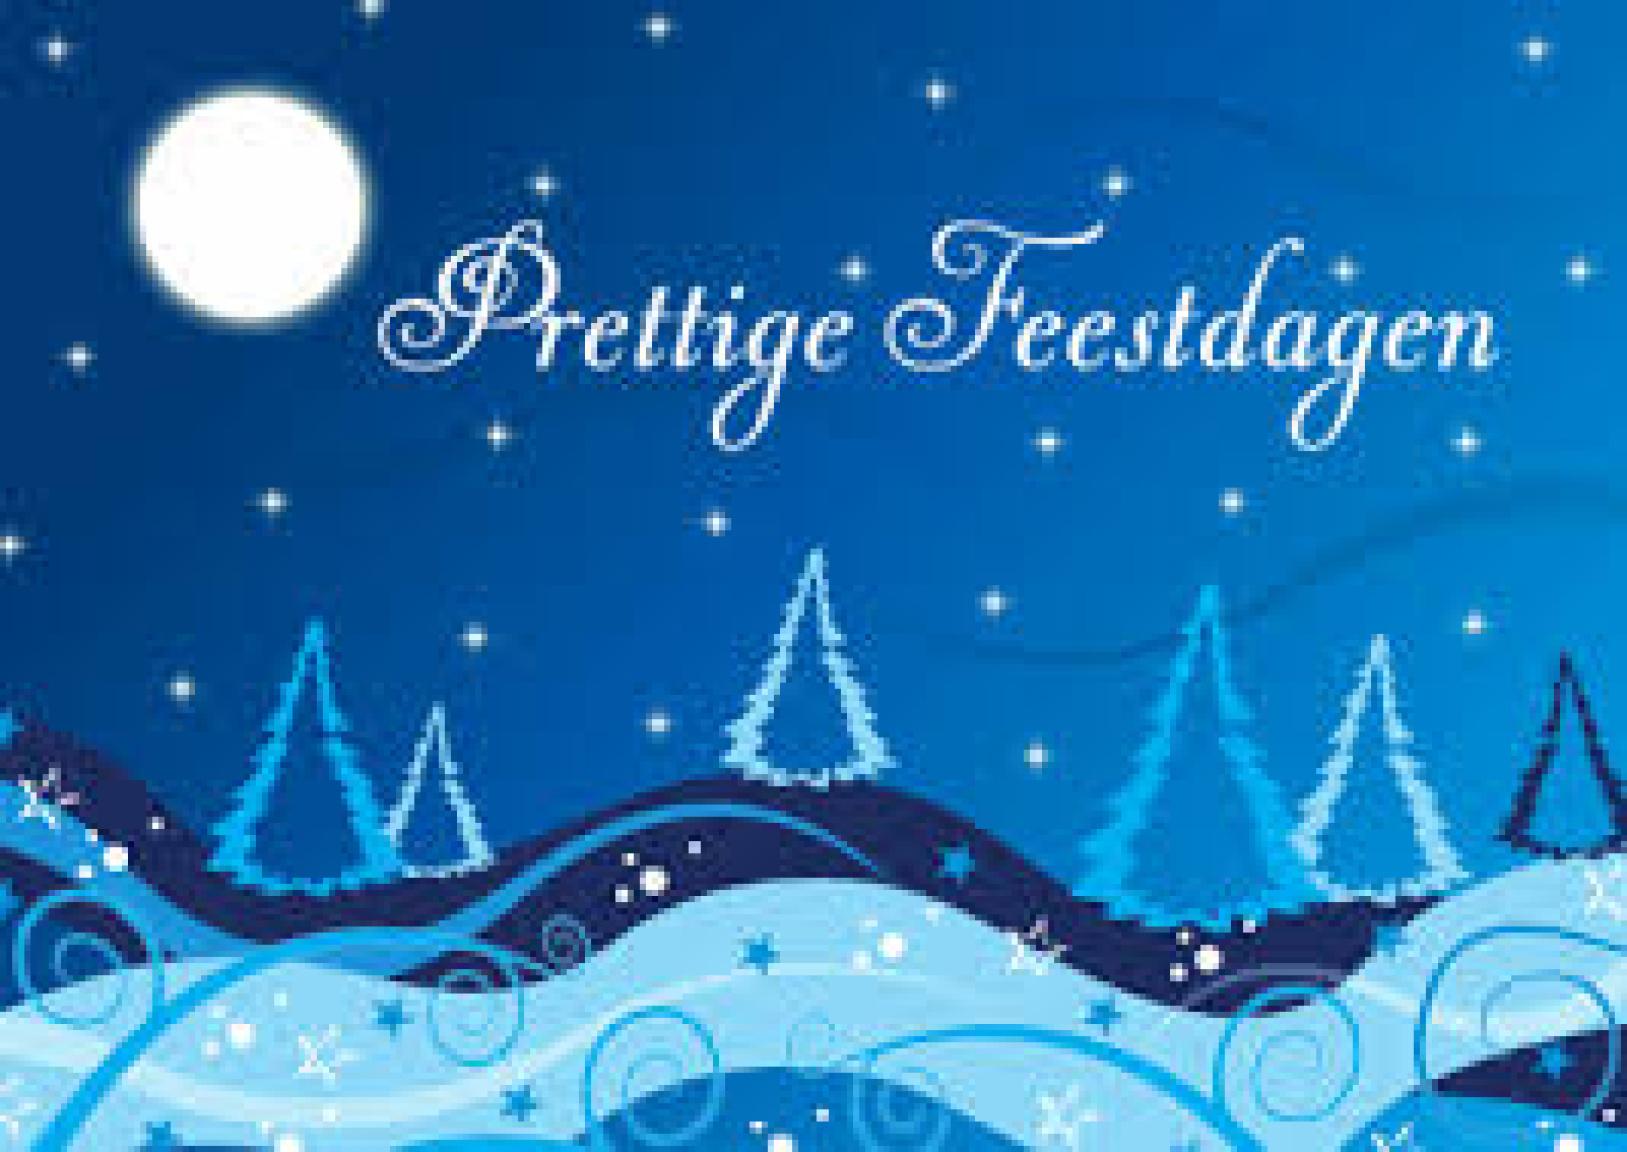 sluiting met de feestdagen-2020-12-20 11:17:35